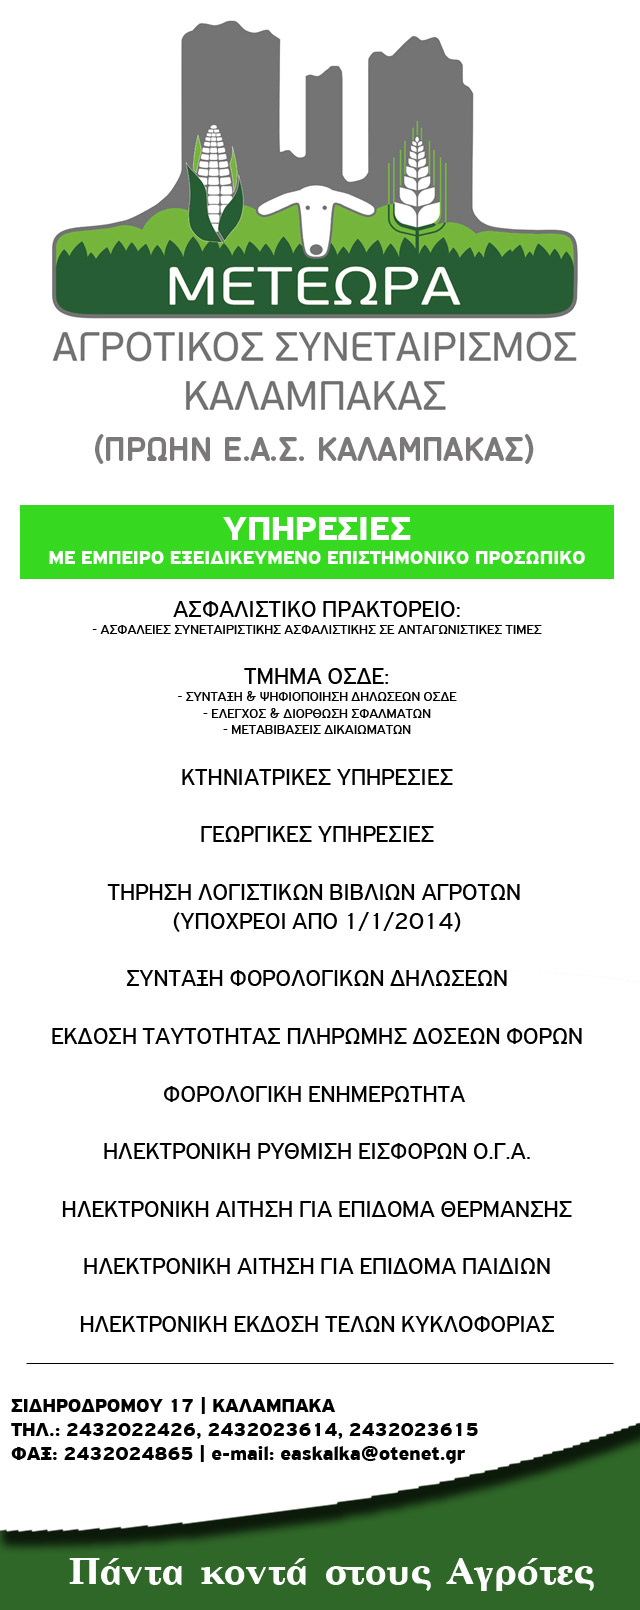 AGROTIKOS SYNETAIRISMOS MET